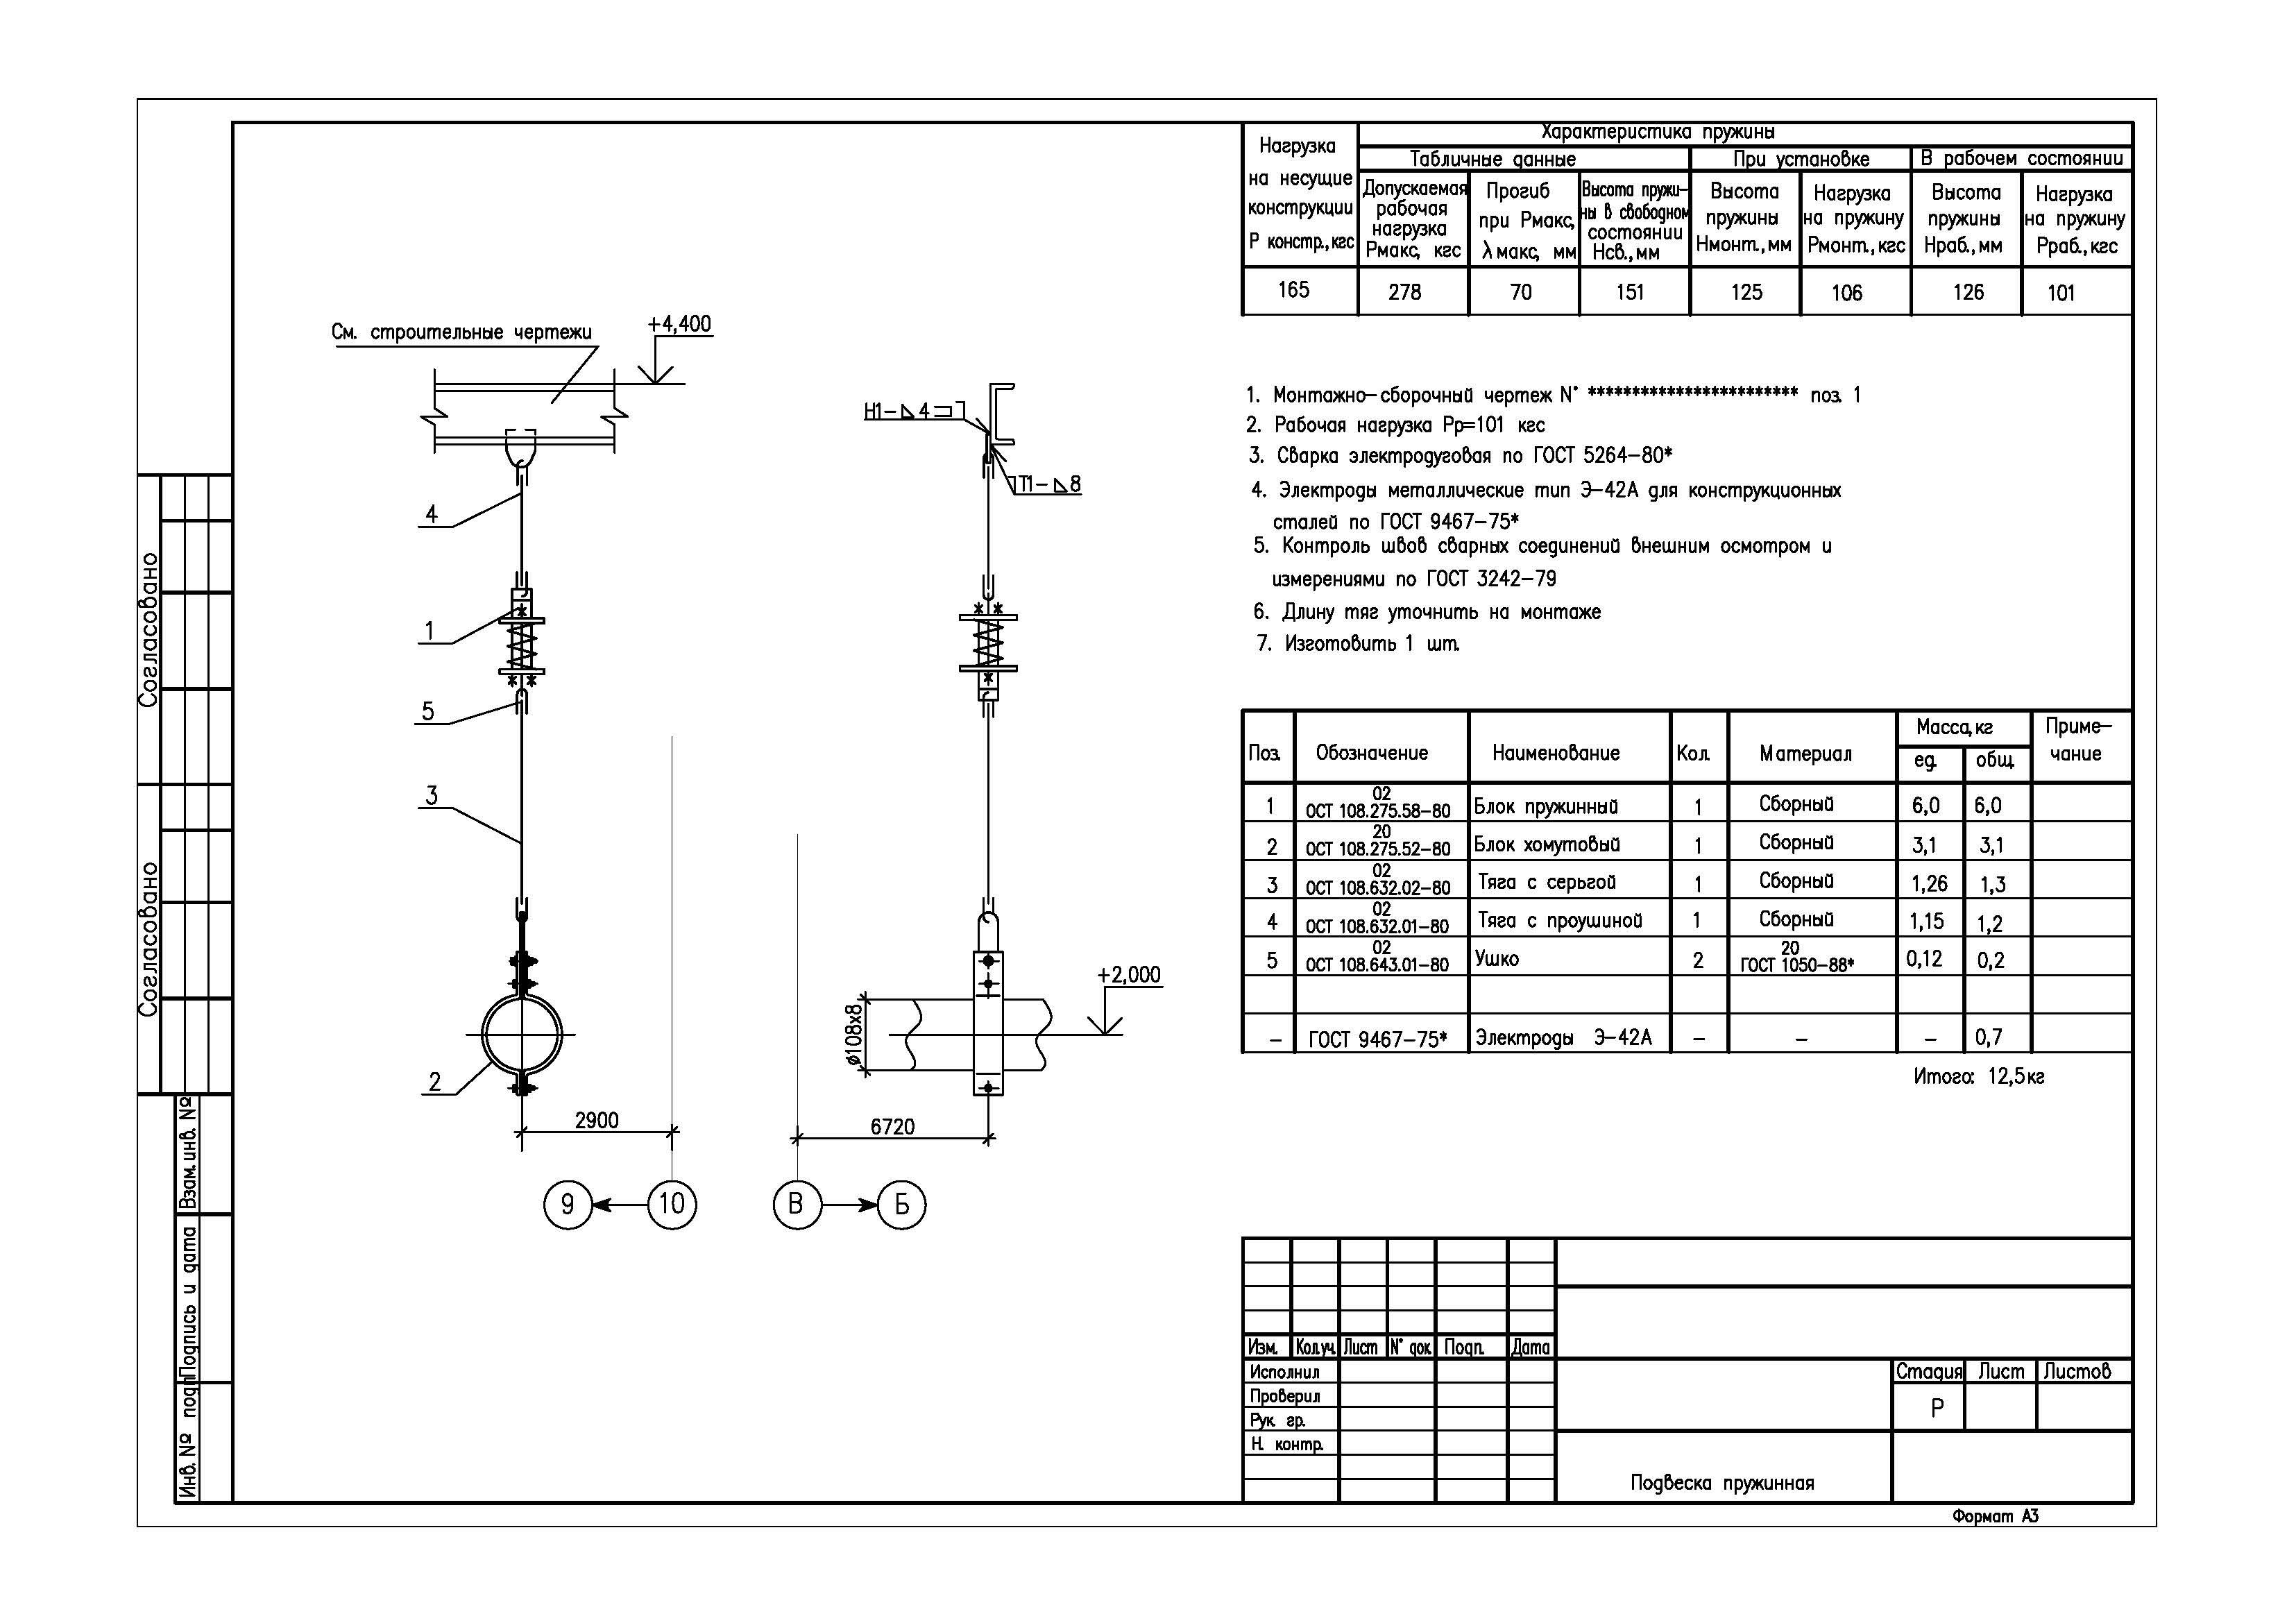 Отдел электрификации и электроснабжения - ИНСТИТУТ